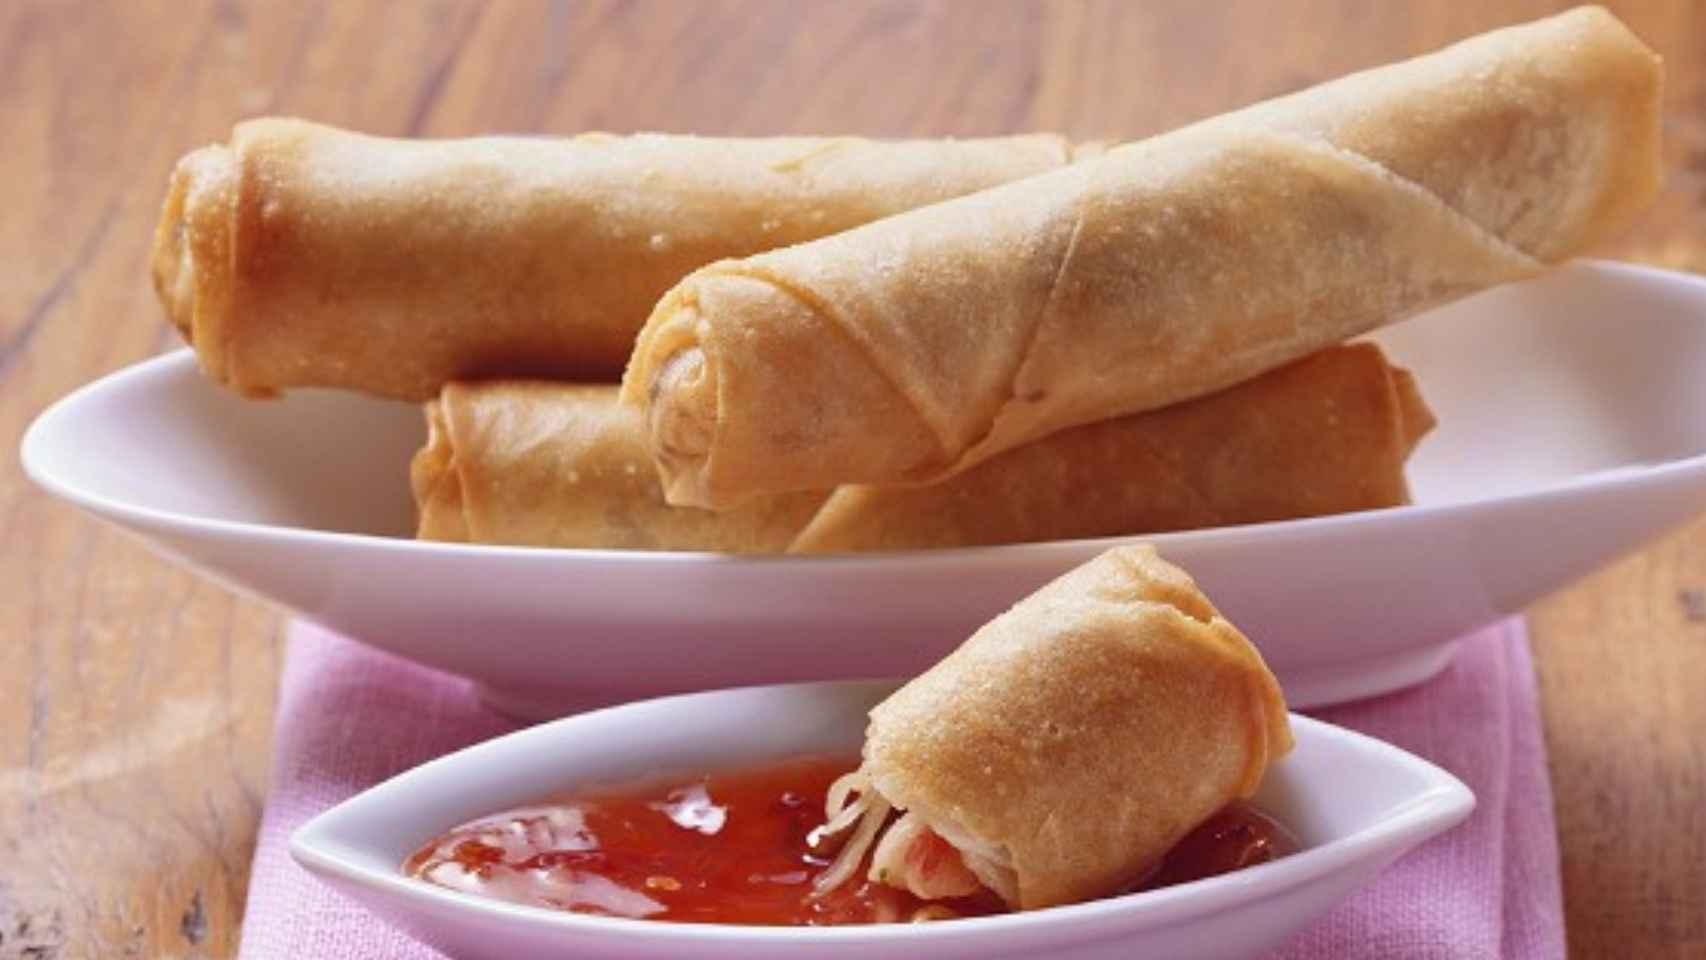 Rollitos de primavera y salsa agridulce, una combinación cargada de azúcar.